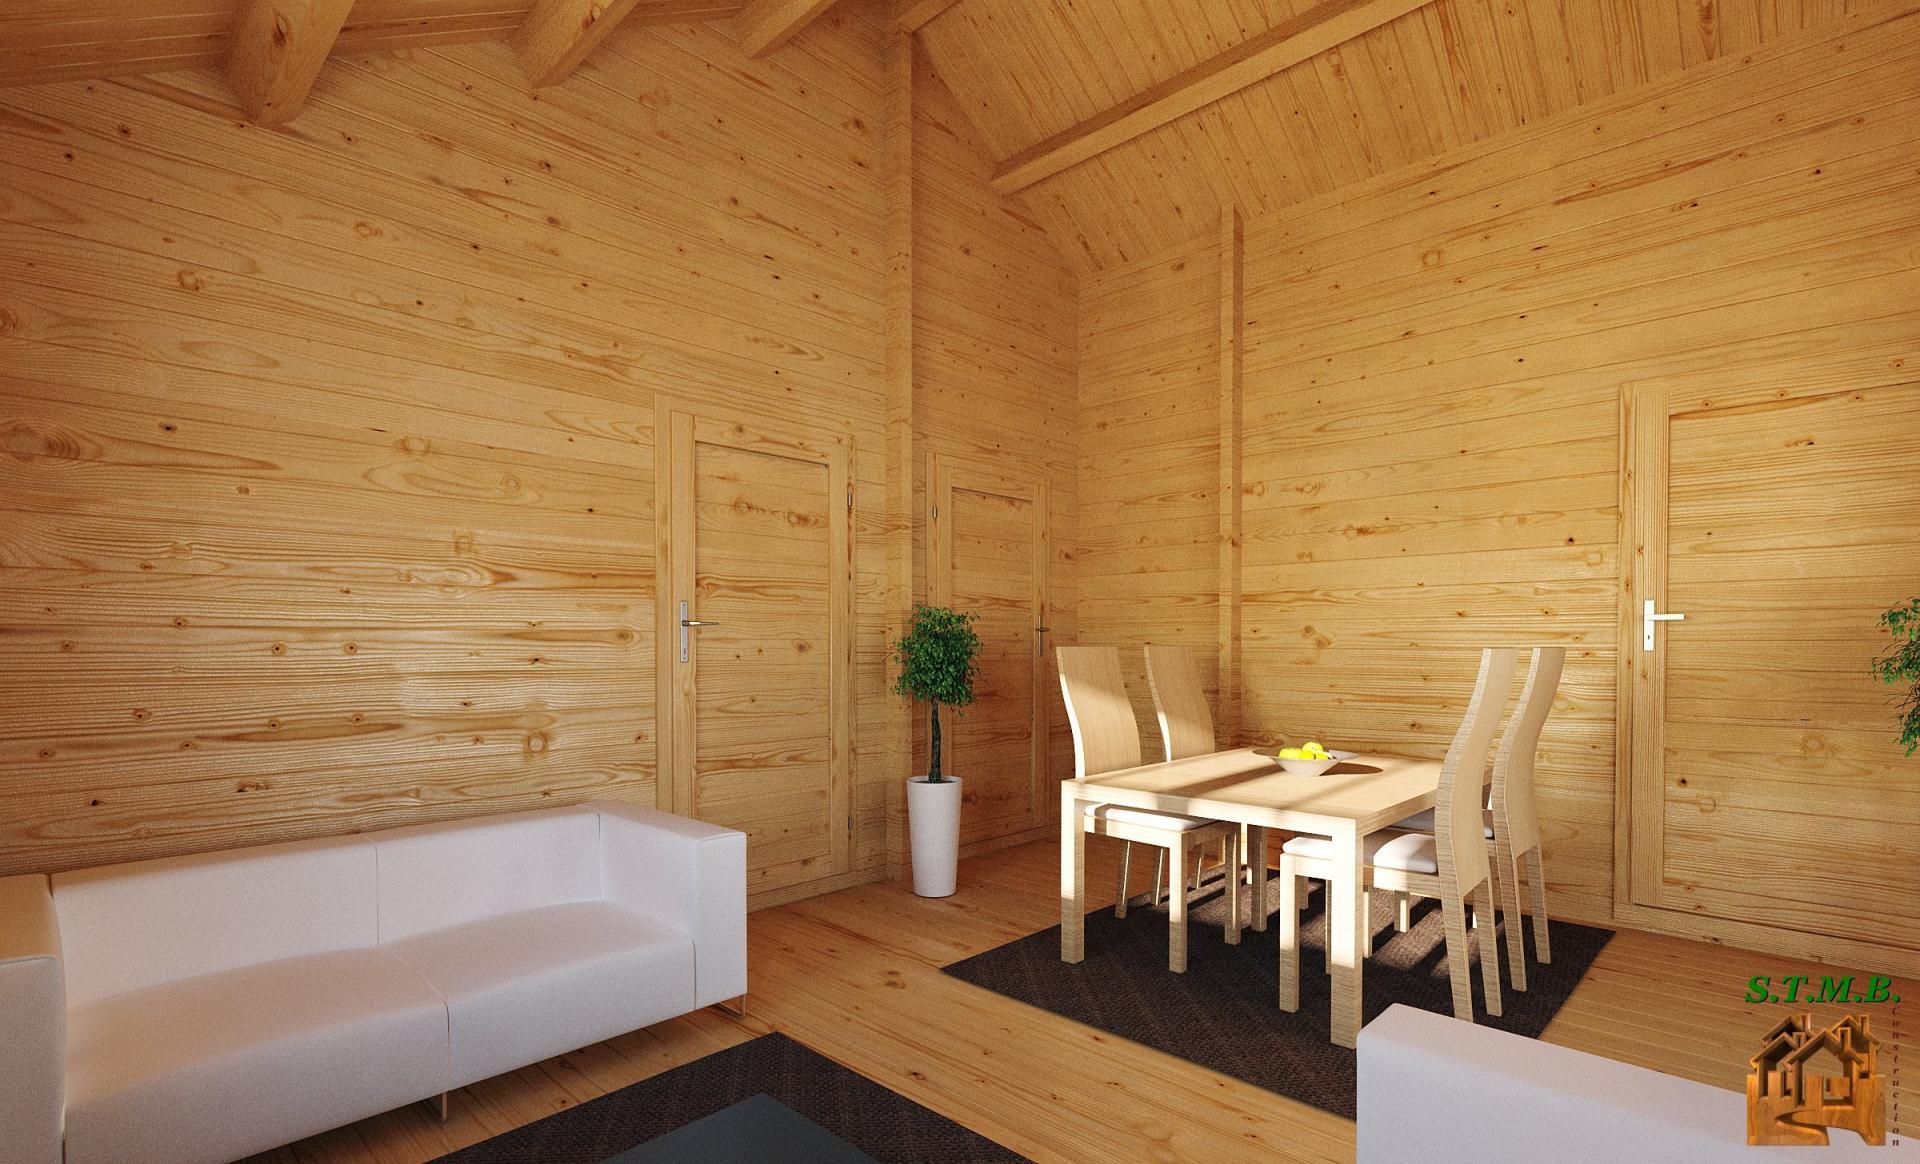 Chalet en kit haut de gamme HARFLEUR avec terrasse couverte # Constructeur Chalet Bois Habitable